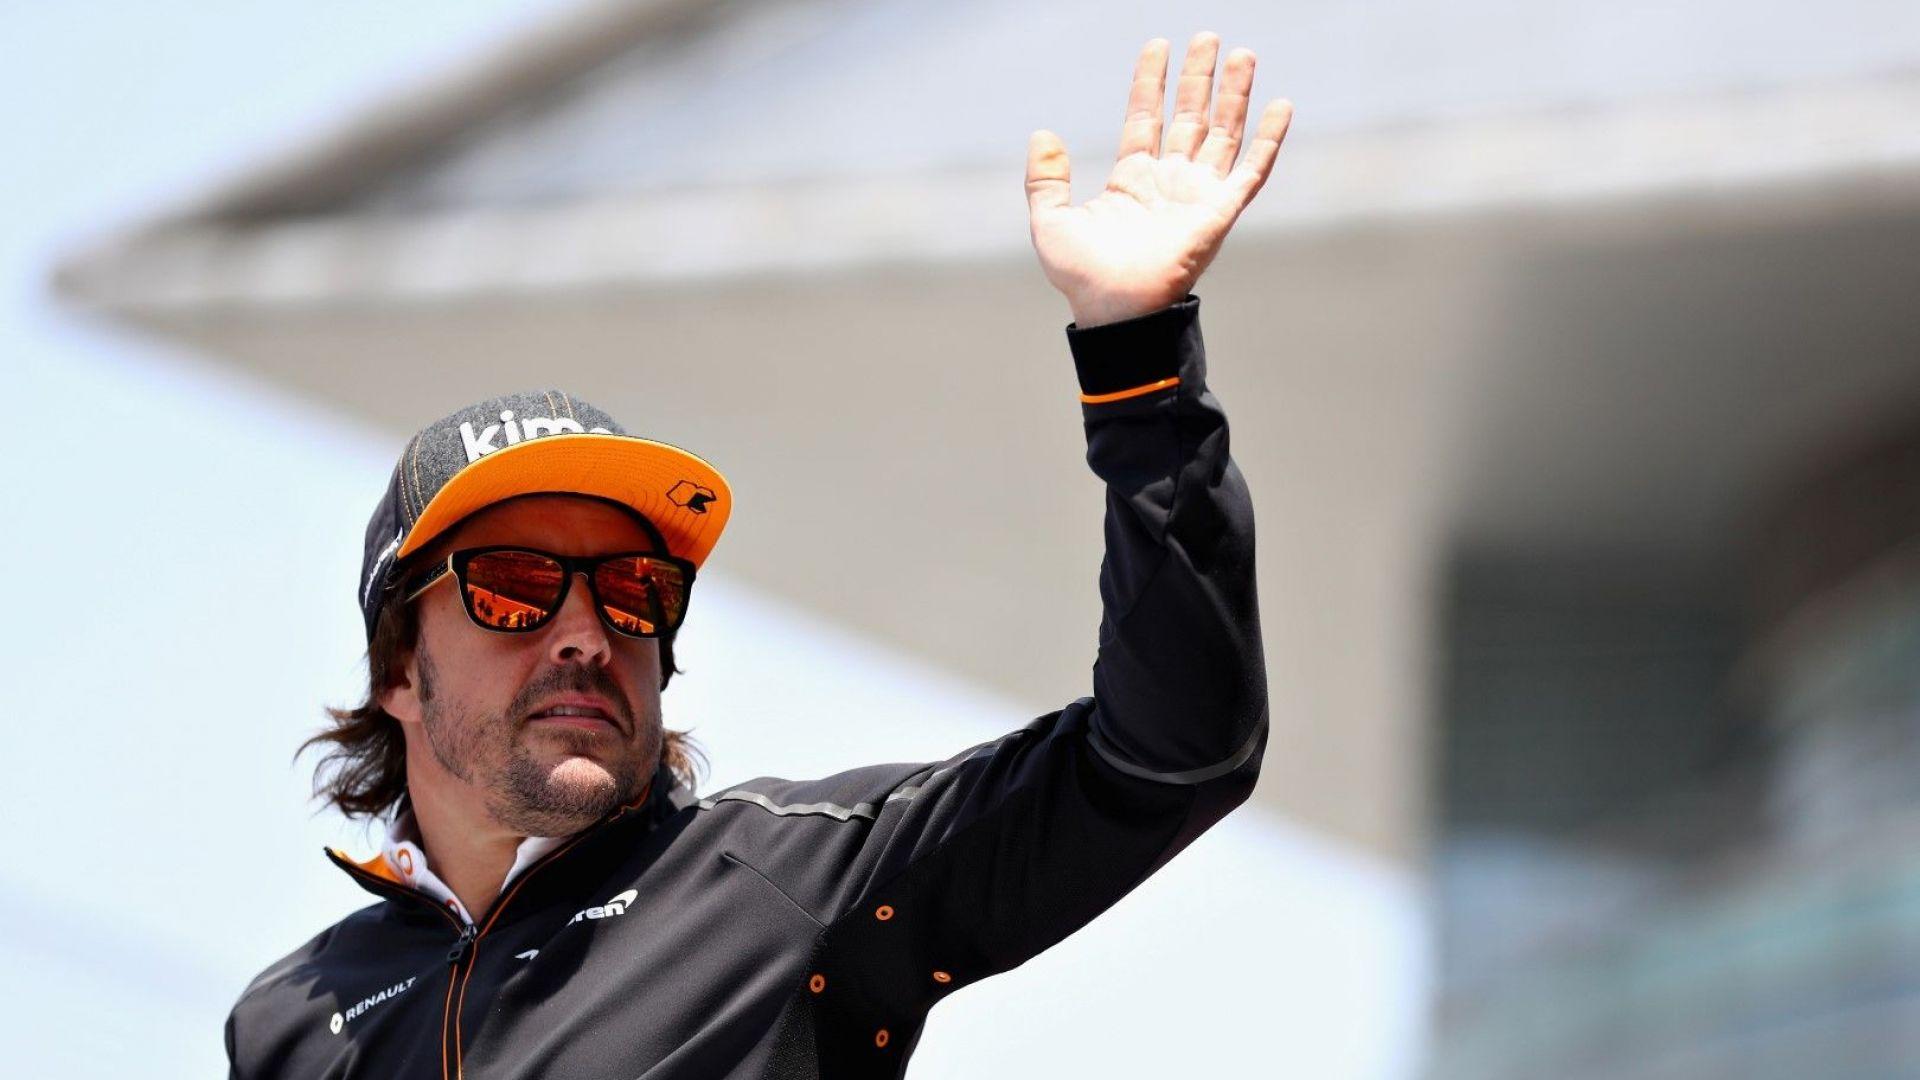 Алонсо се цели в един от големите рекорди на Шуми, на сбогуване с Формула 1